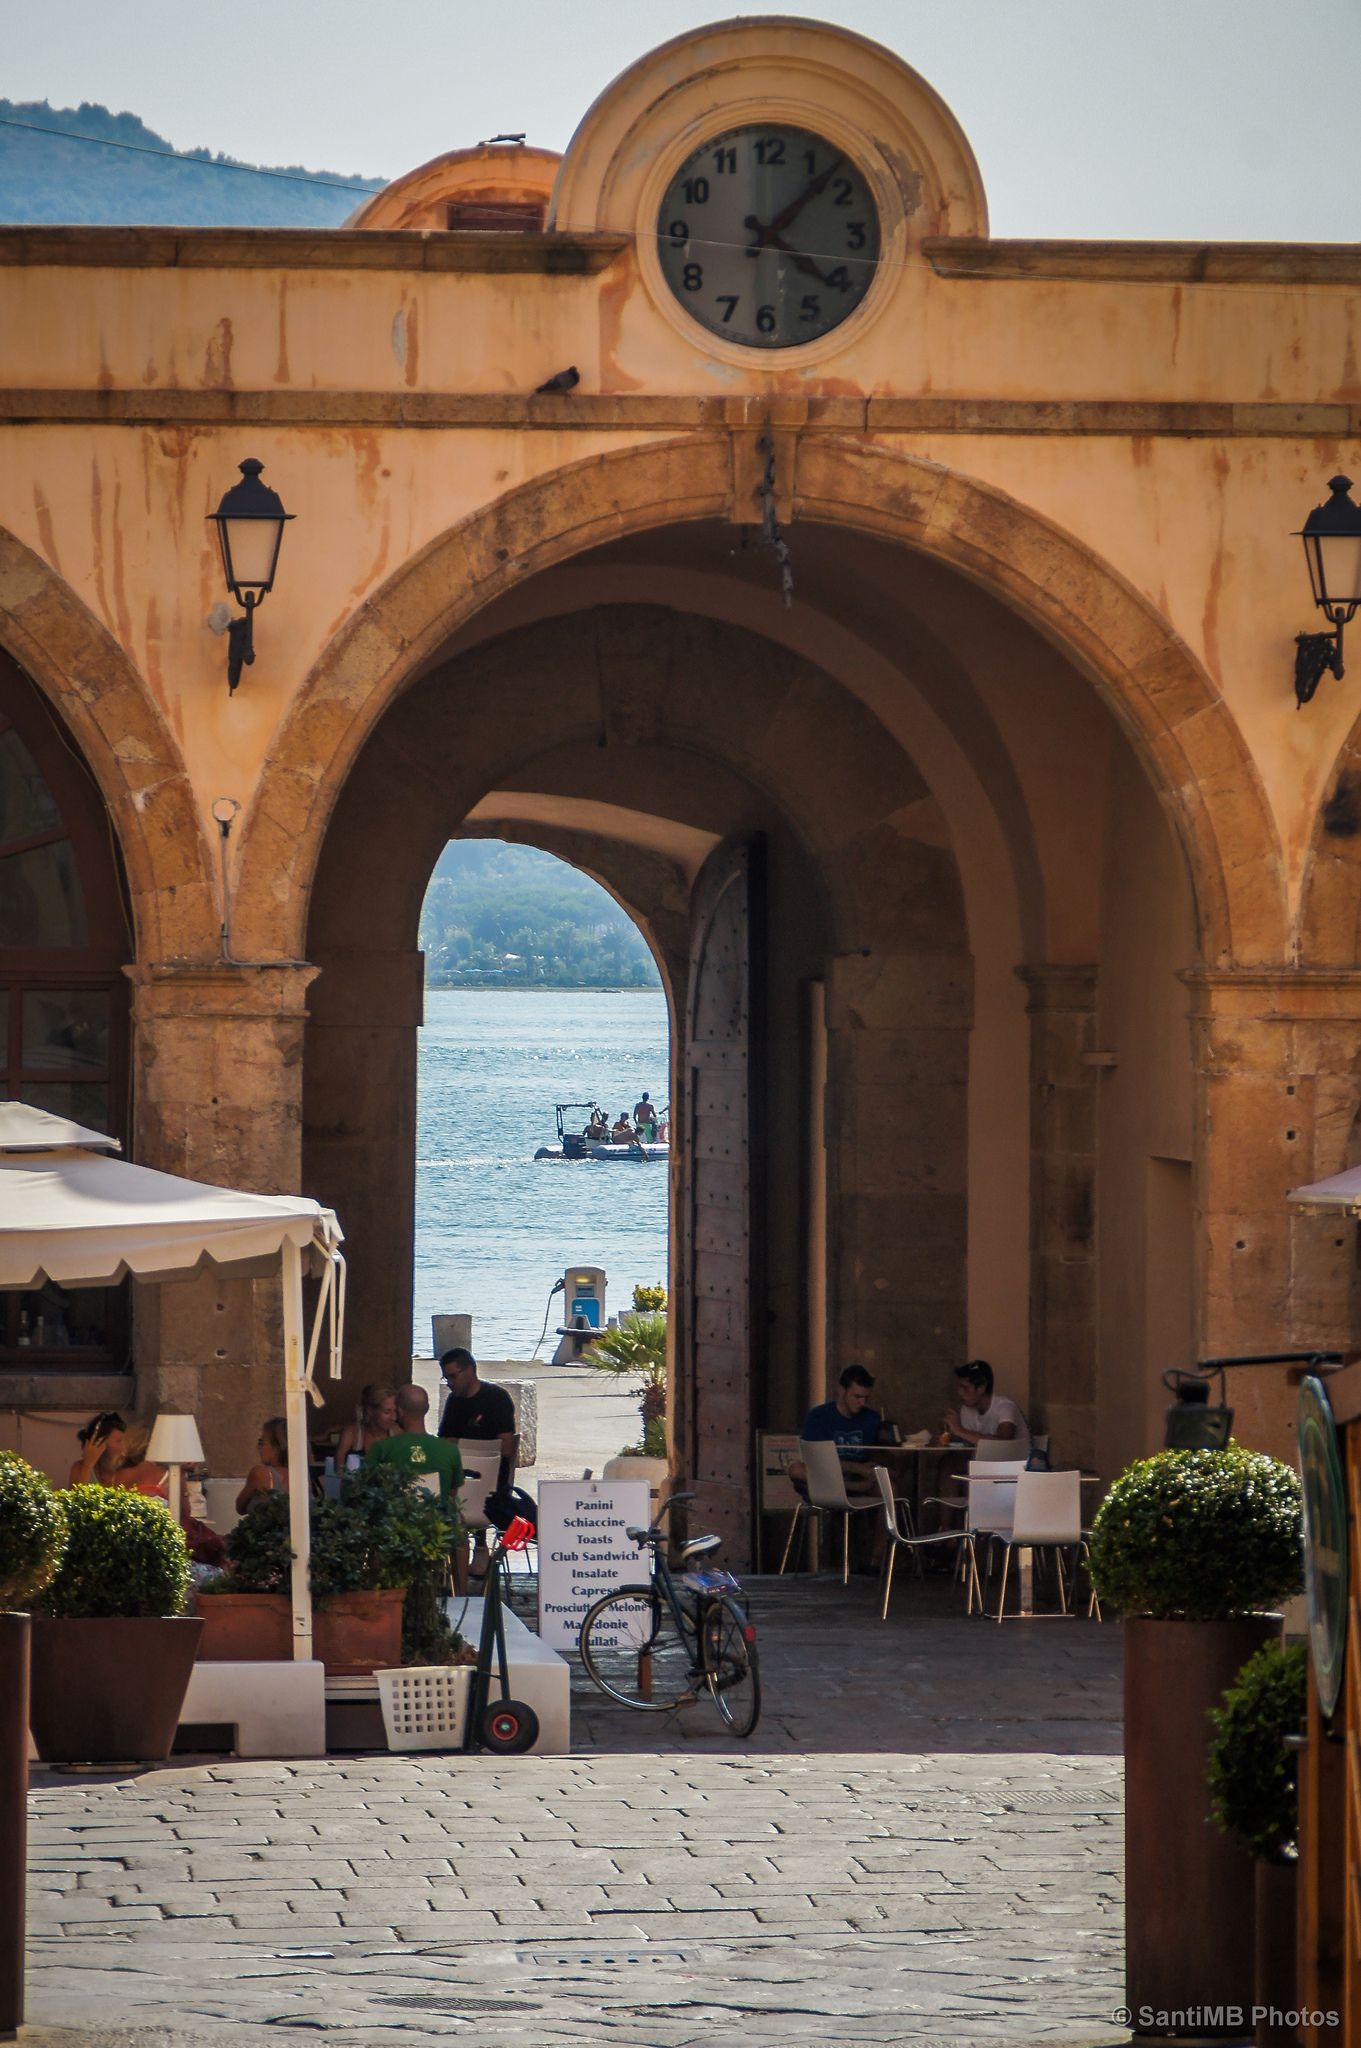 Pasadas las cuatro | No me cansaré de decir que en verano en la Toscana hace mucho calor, pero en la isla de Elba hay que sumar la altísima humedad. Pasadas las cuatro de la tarde es de suicidas salir al sol.  --- Portoferraio - Isola d'Elba, Toscana (Italia).